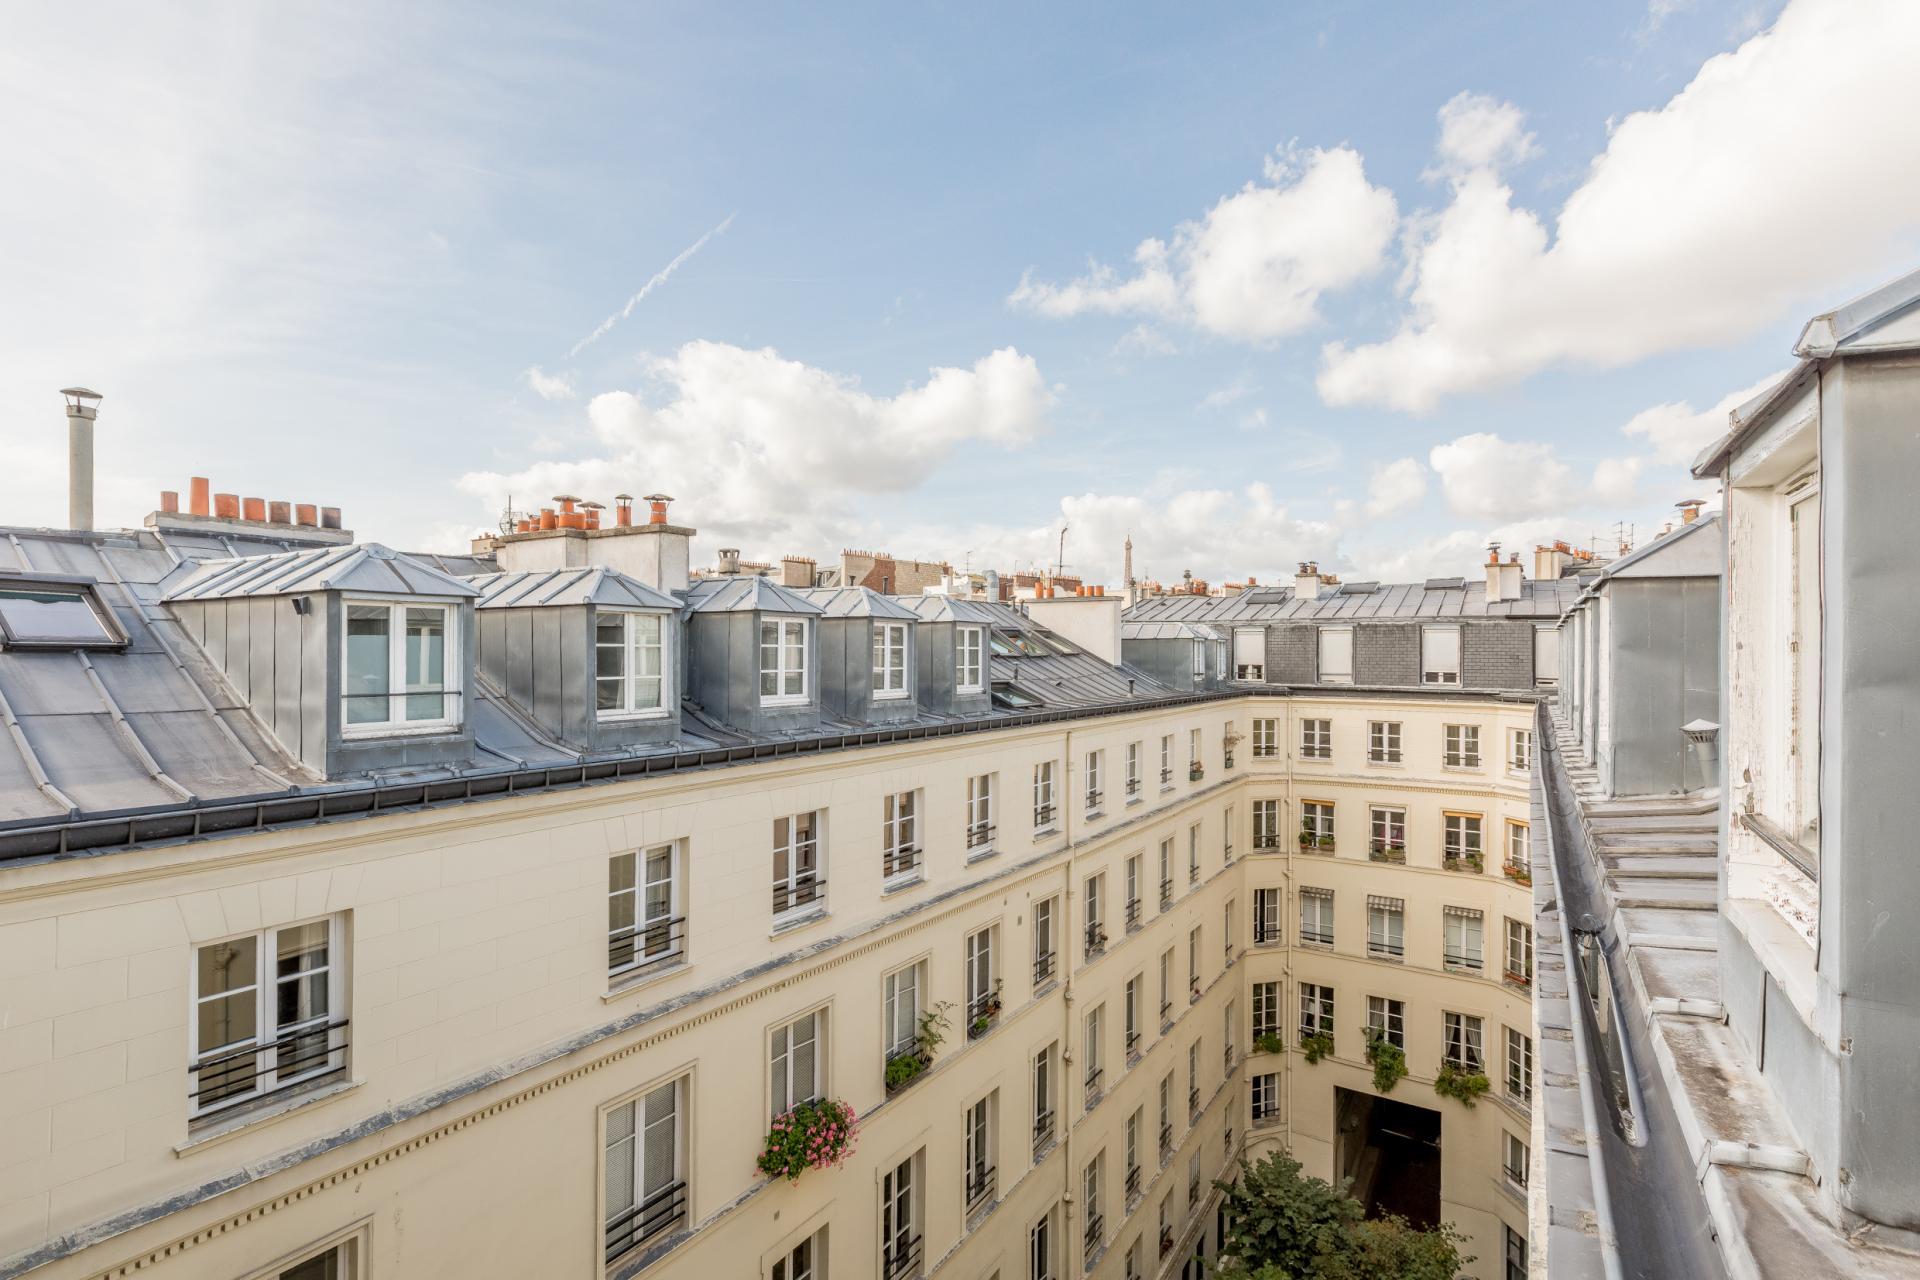 PARIS 6EME - RUE DE SEVRES - EXCEPTIONNEL APPARTEMENT DUPLEX - DERNIERS ETAGES